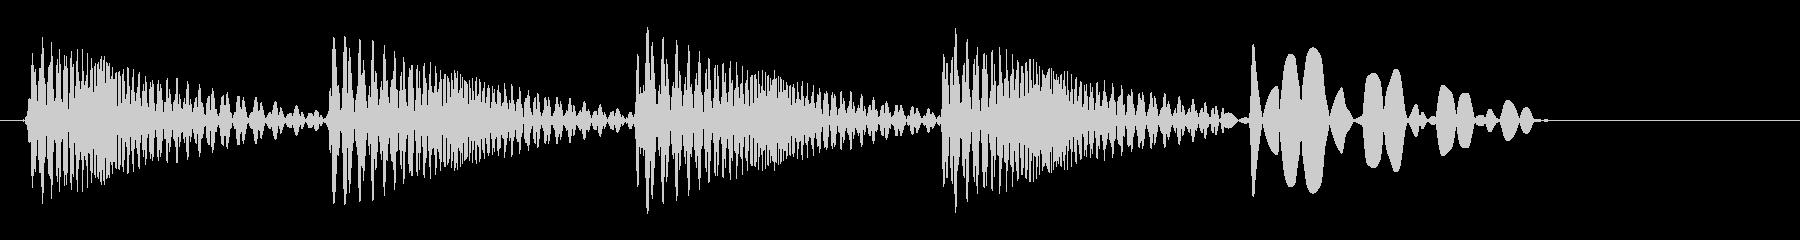 ビヨビヨビヨン(跳ね返ったような音)の未再生の波形